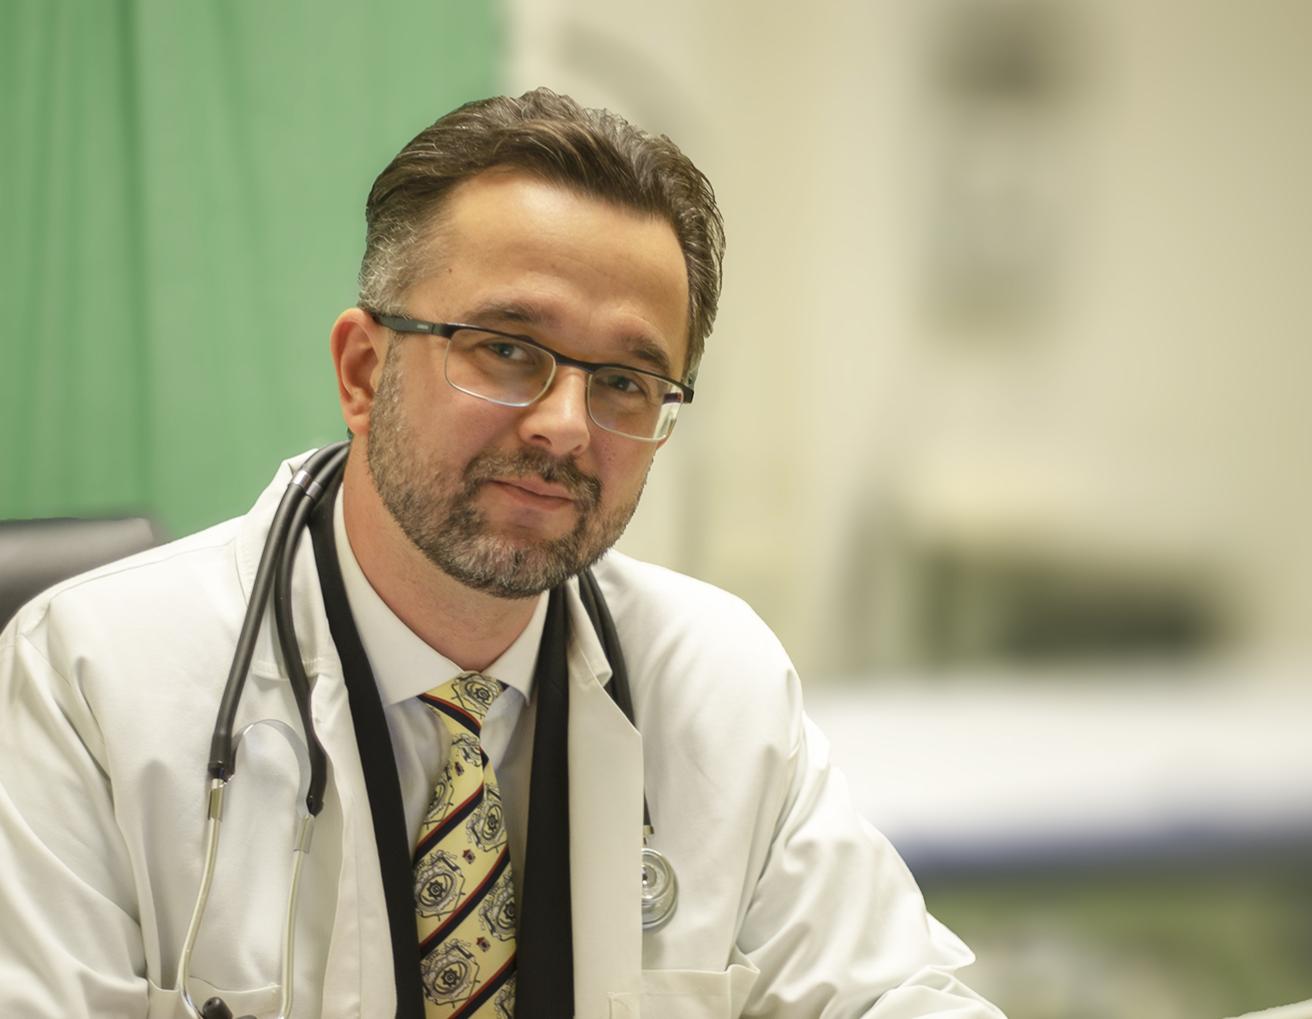 Fogyókúrás Tanácsadás Dr. Tóth Tamással | Med-Aesthetica